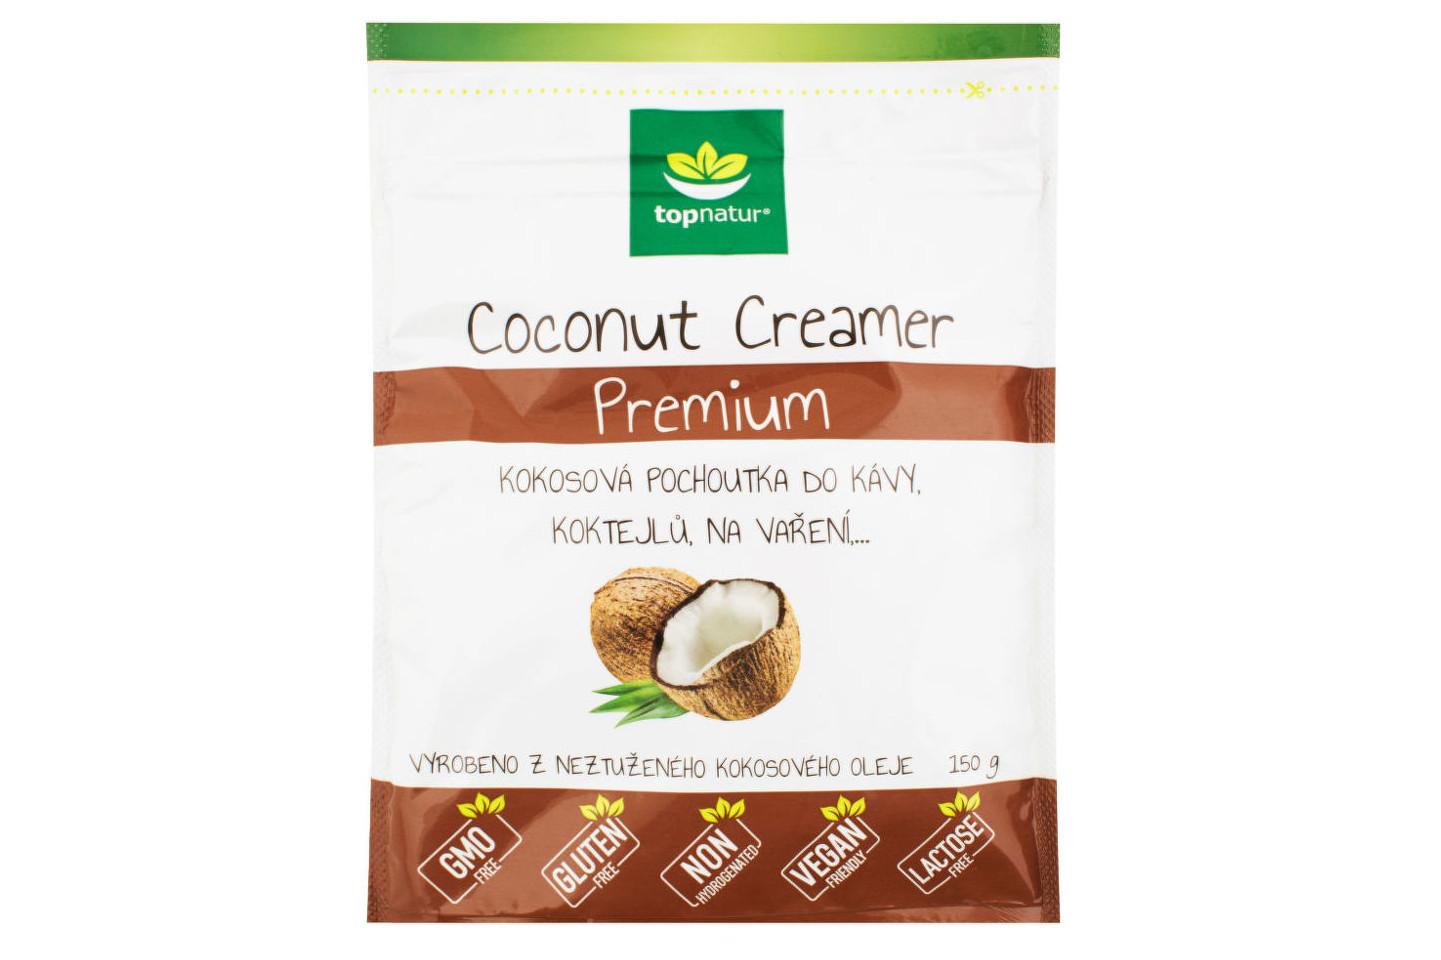 Coconut Creamer Premium